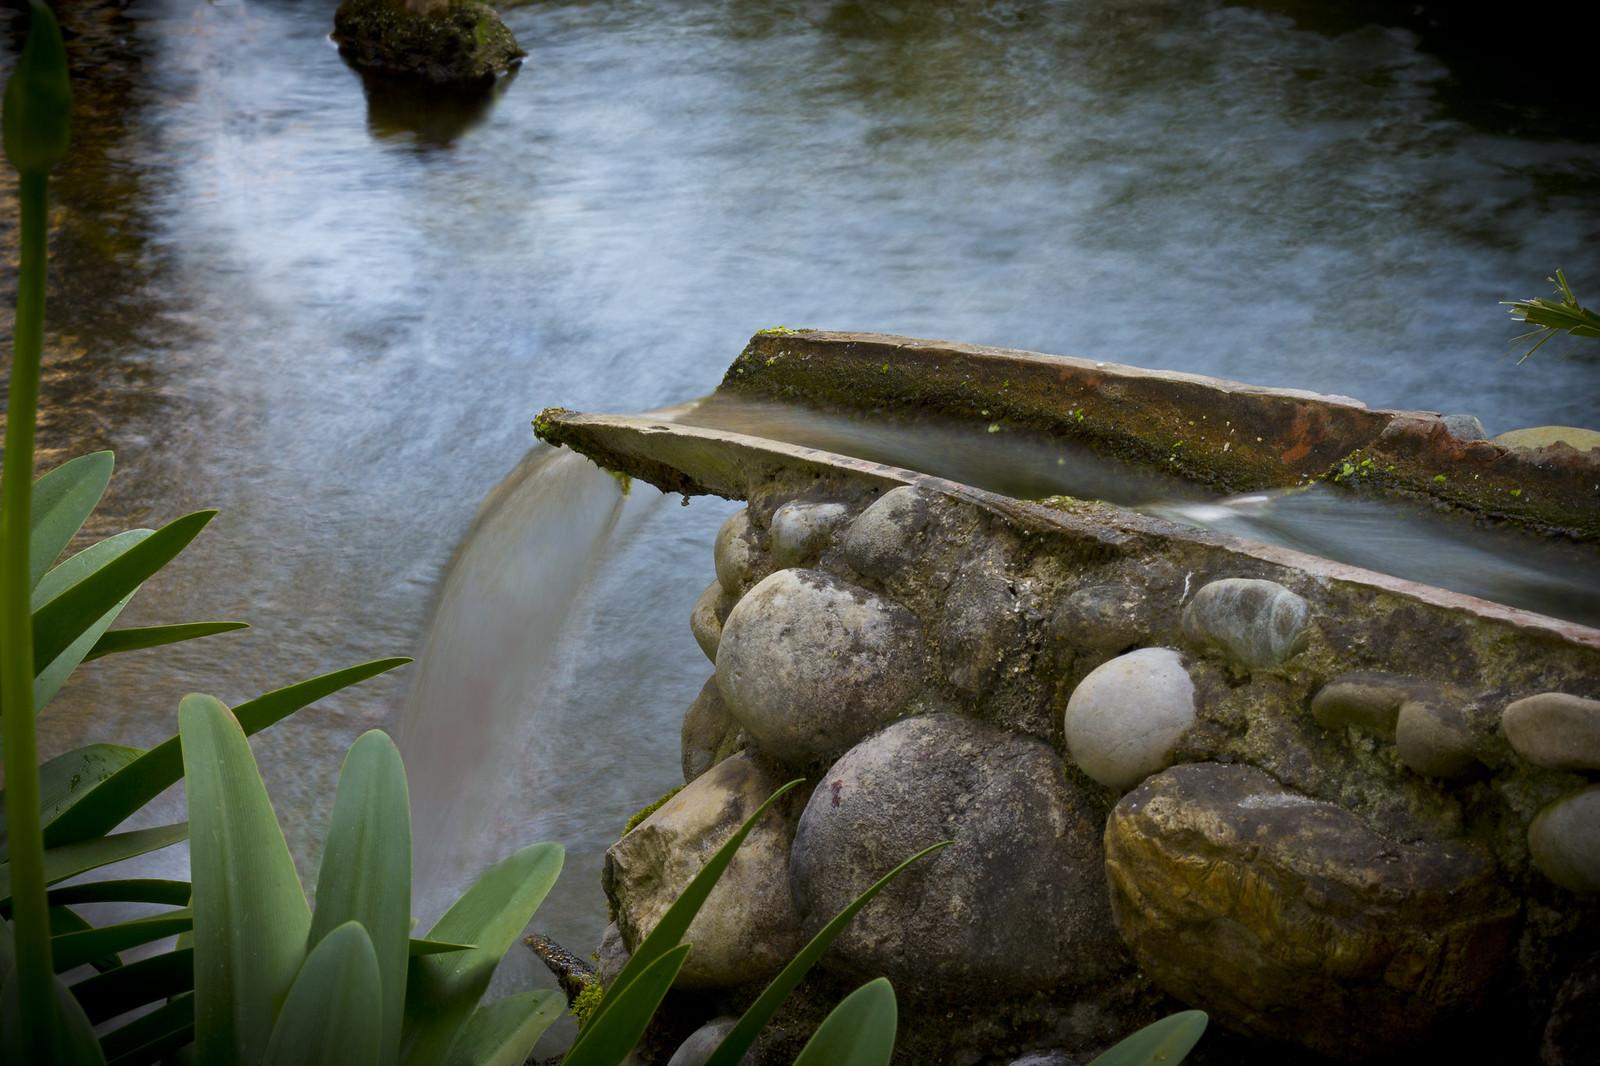 Cascata laghetto da giardino forum playerdue lighting - Laghetto con cascata da giardino ...